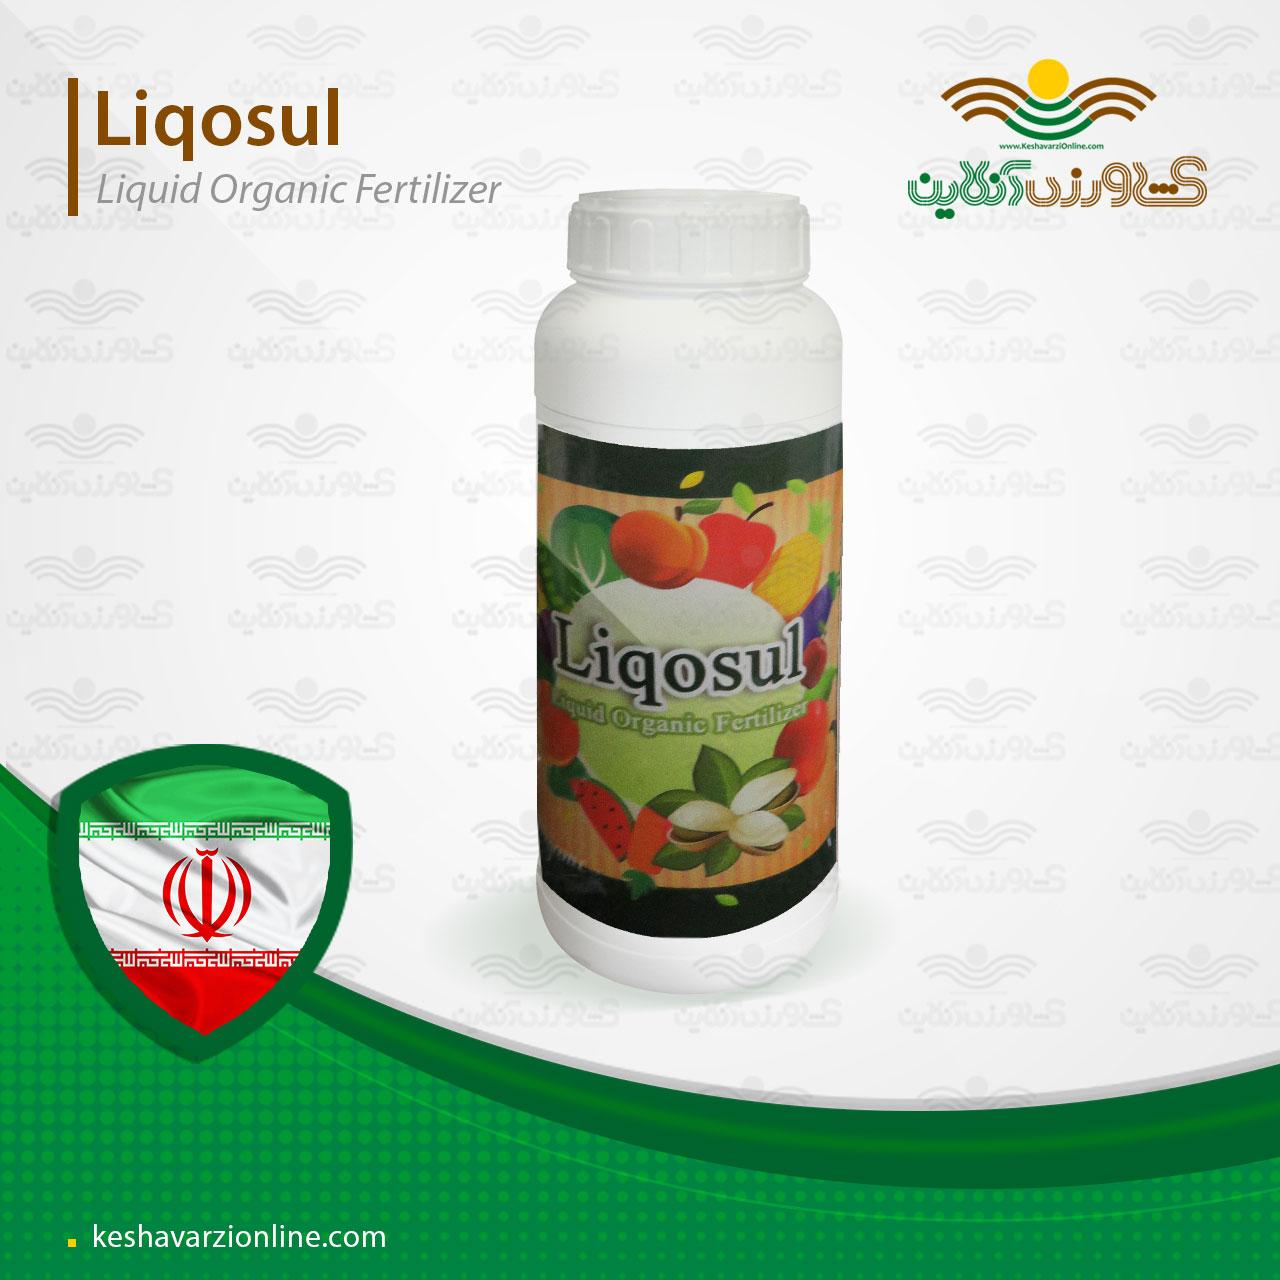 کود گوگردی مایع لیکوسول 1 لیتری 80 درصد